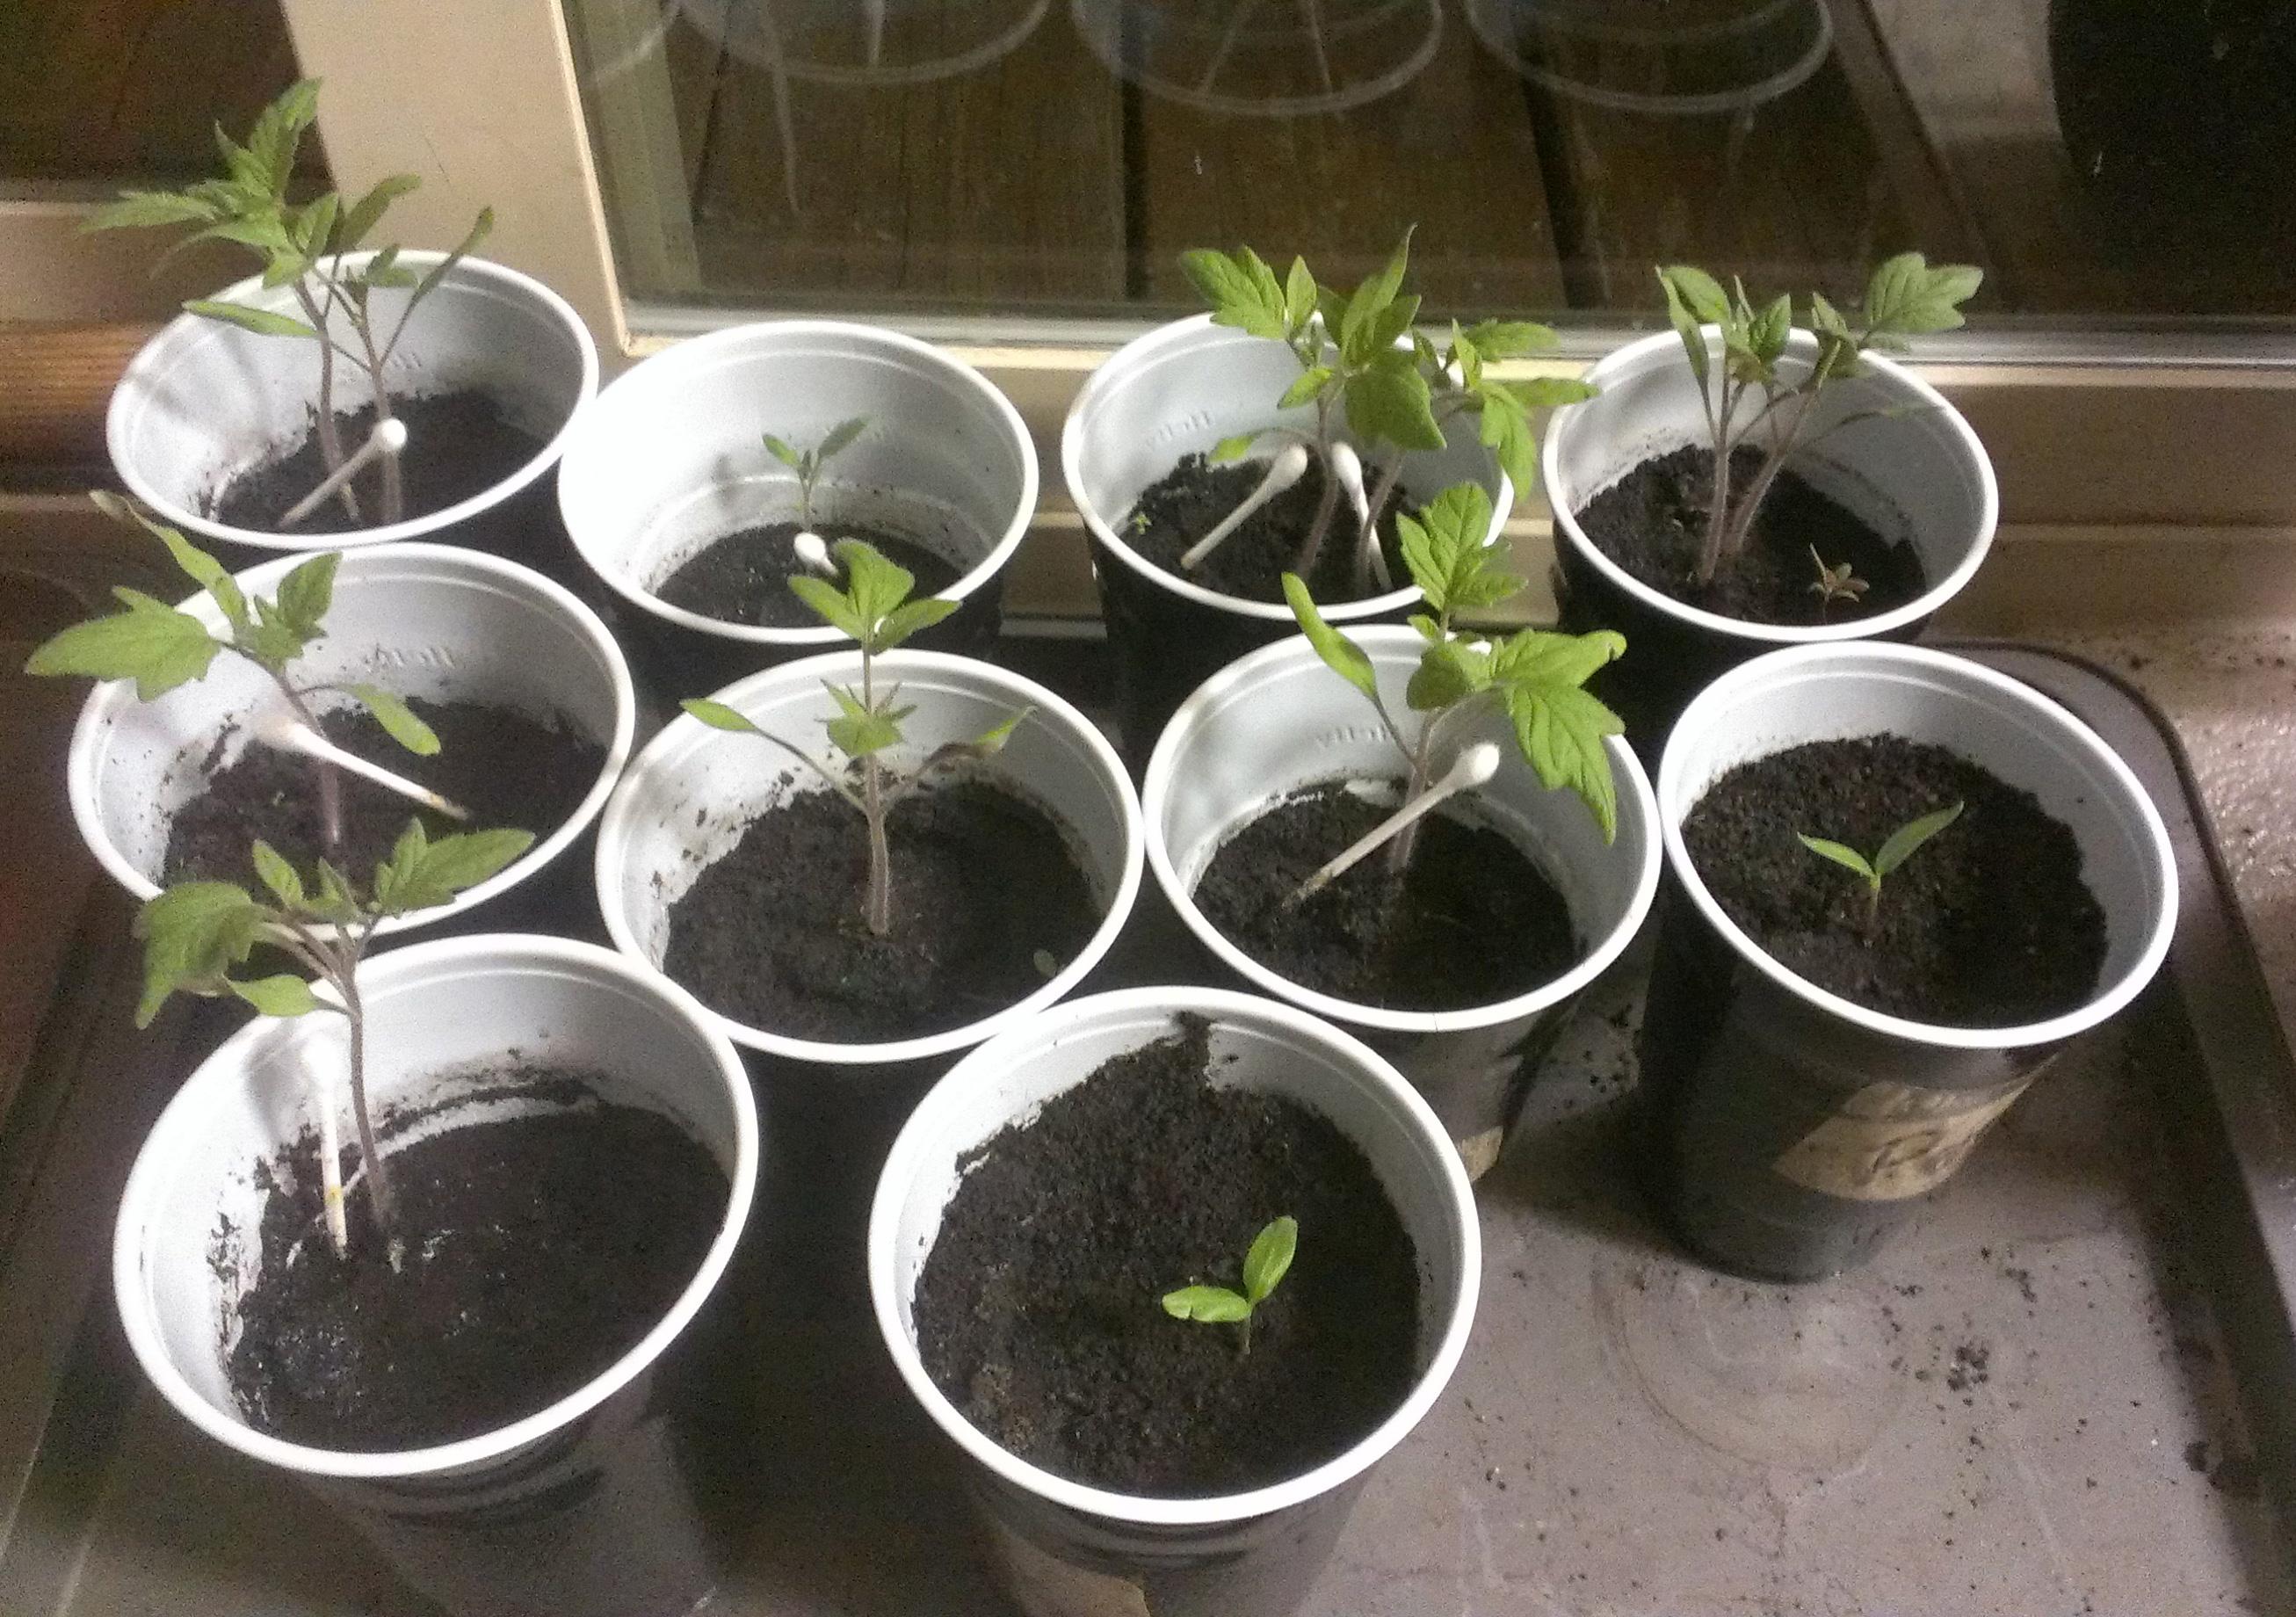 Kelp4less Seedlings